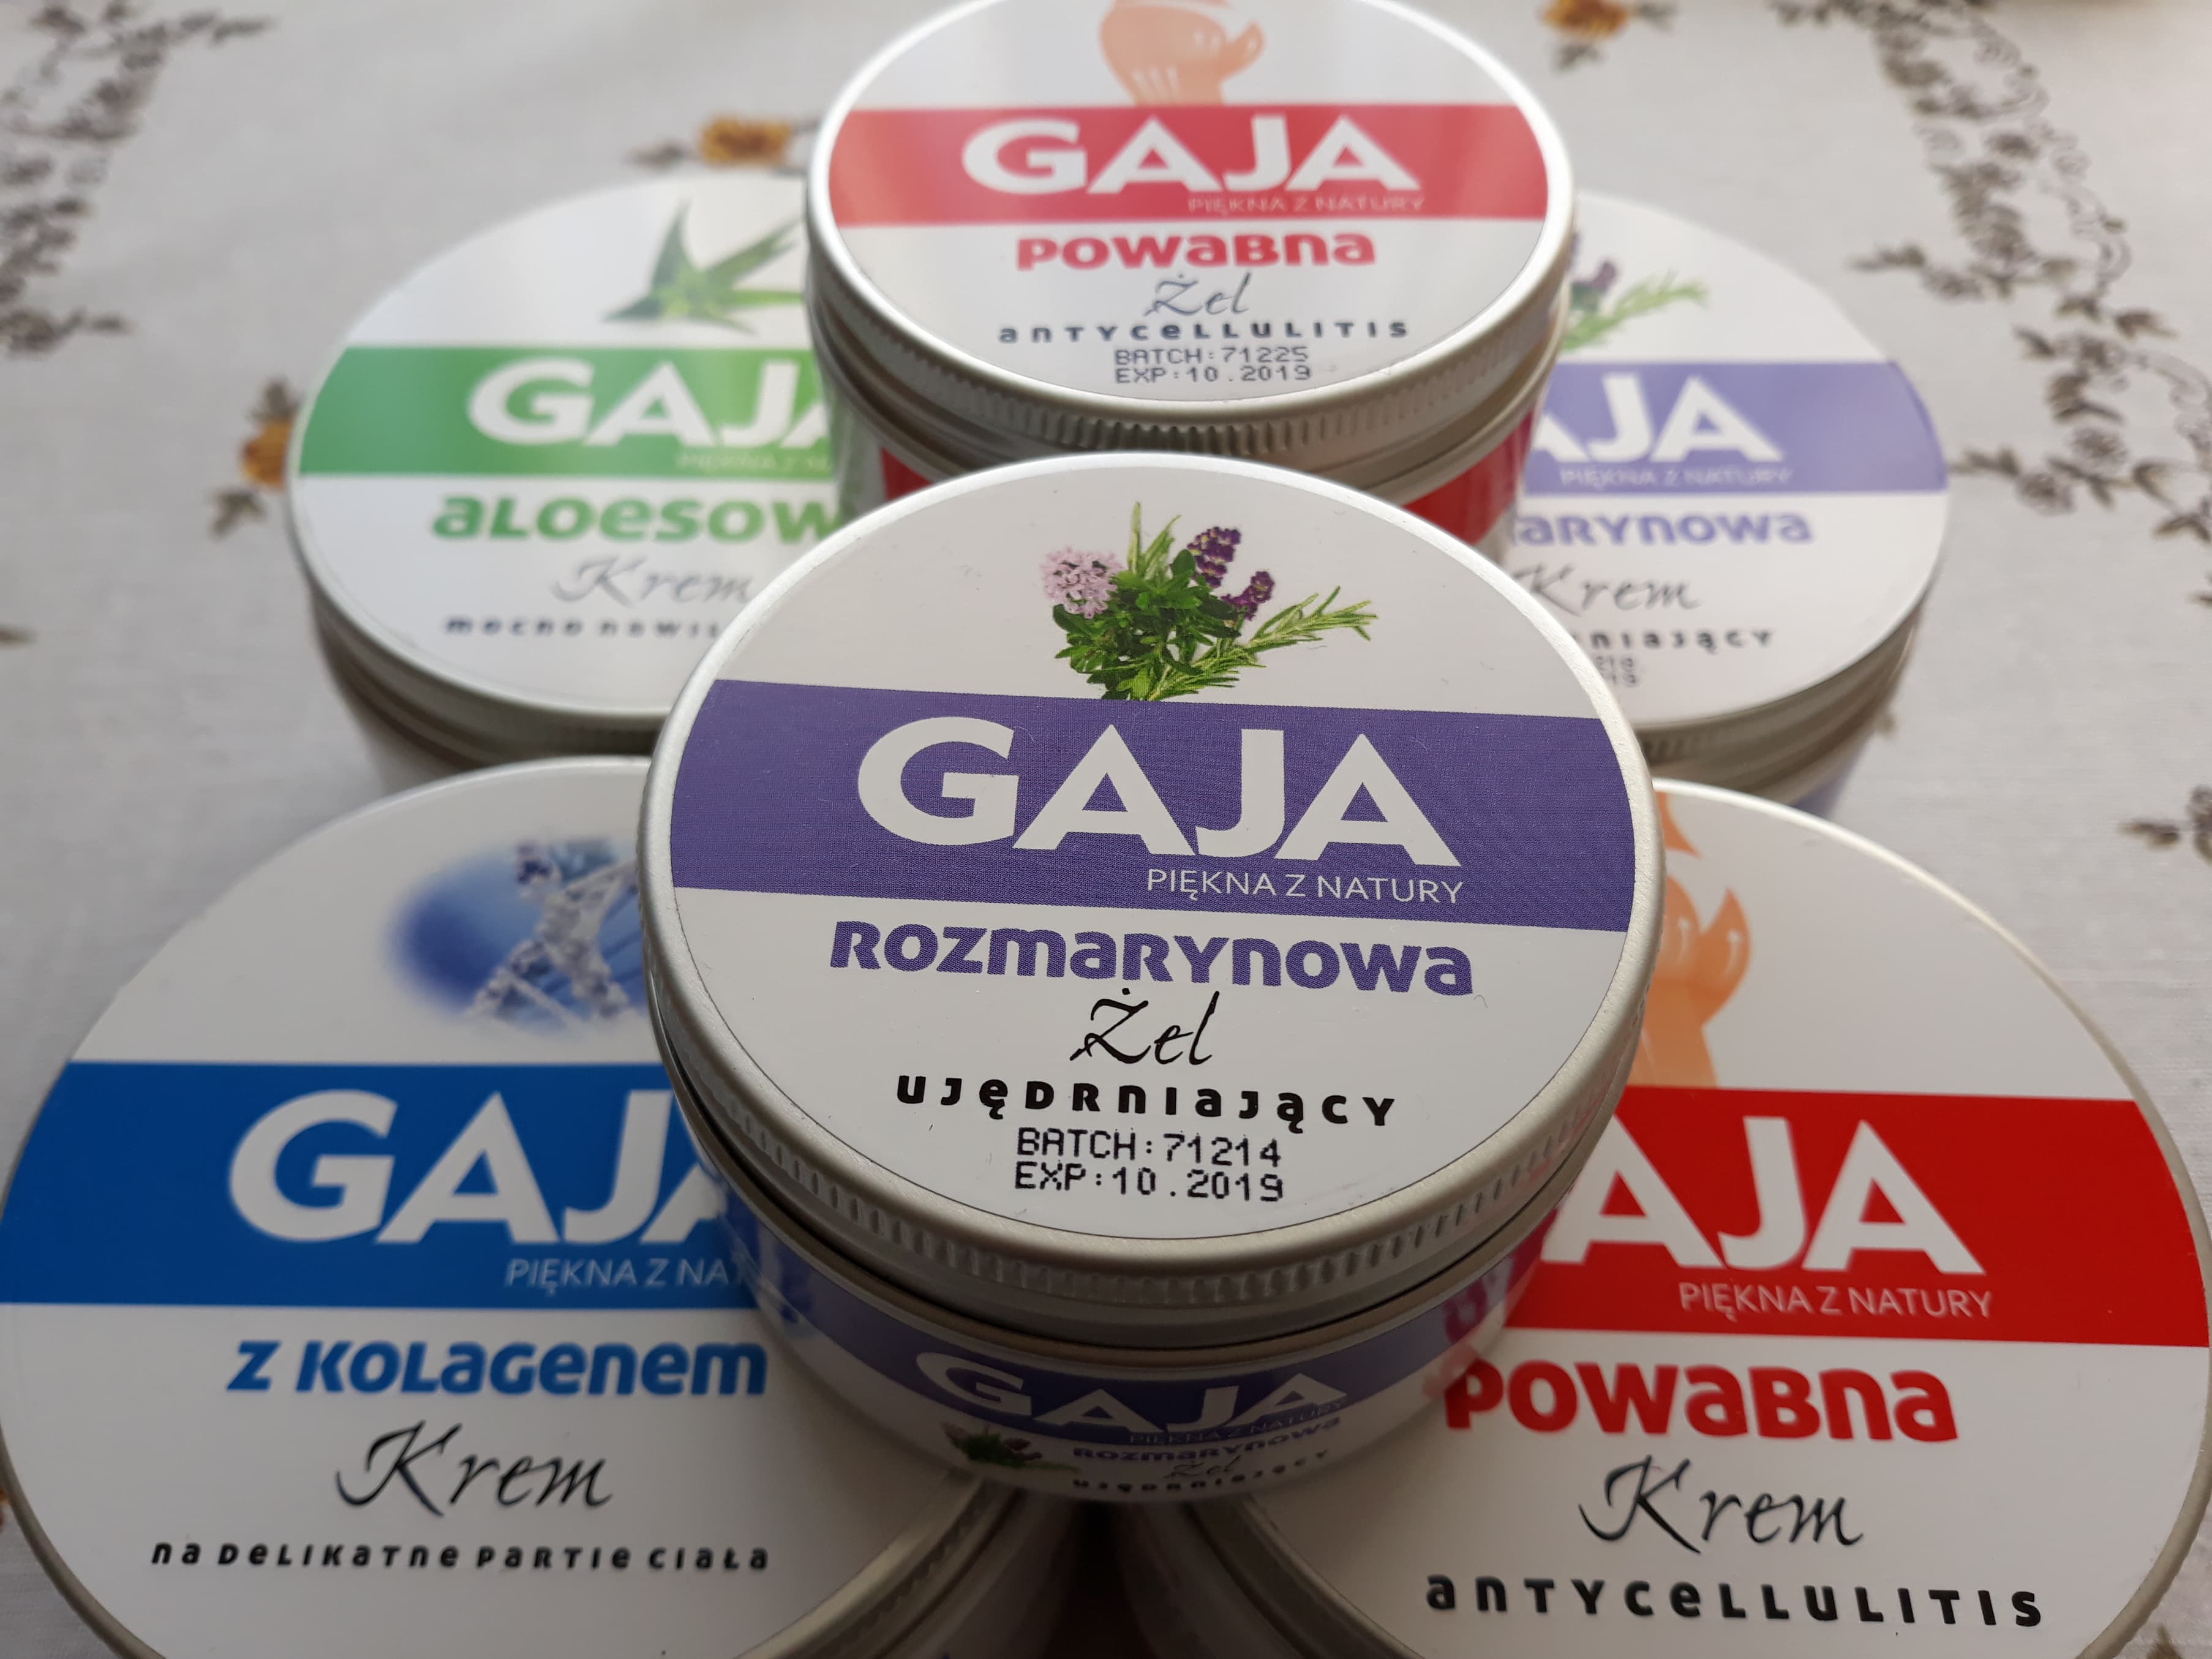 Kosmetyki naturalne Gaja – jeśli szukasz wydajnego kremu o dużej pojemności, sprawdź koniecznie!